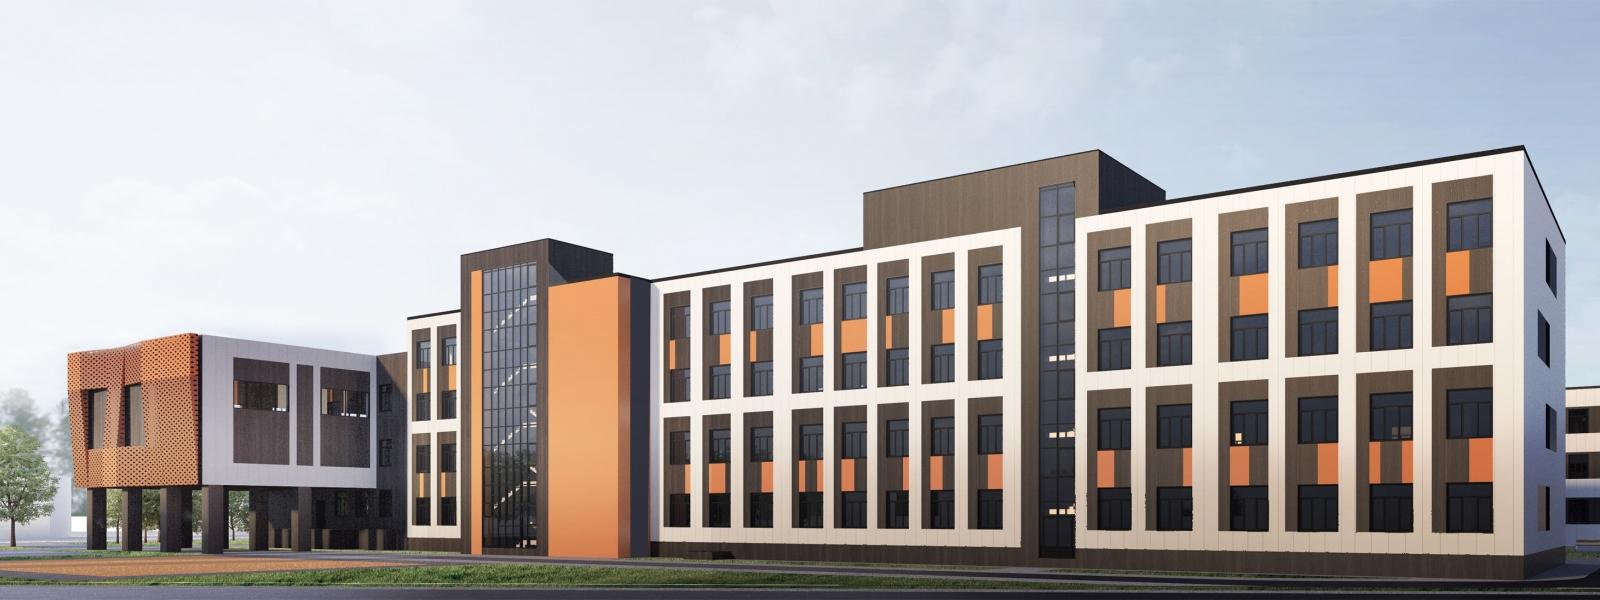 work-Проект фасада здания гимназии №3 по ул. Детский проезд 10, в Советском районе Новосибирска (Академгородок)